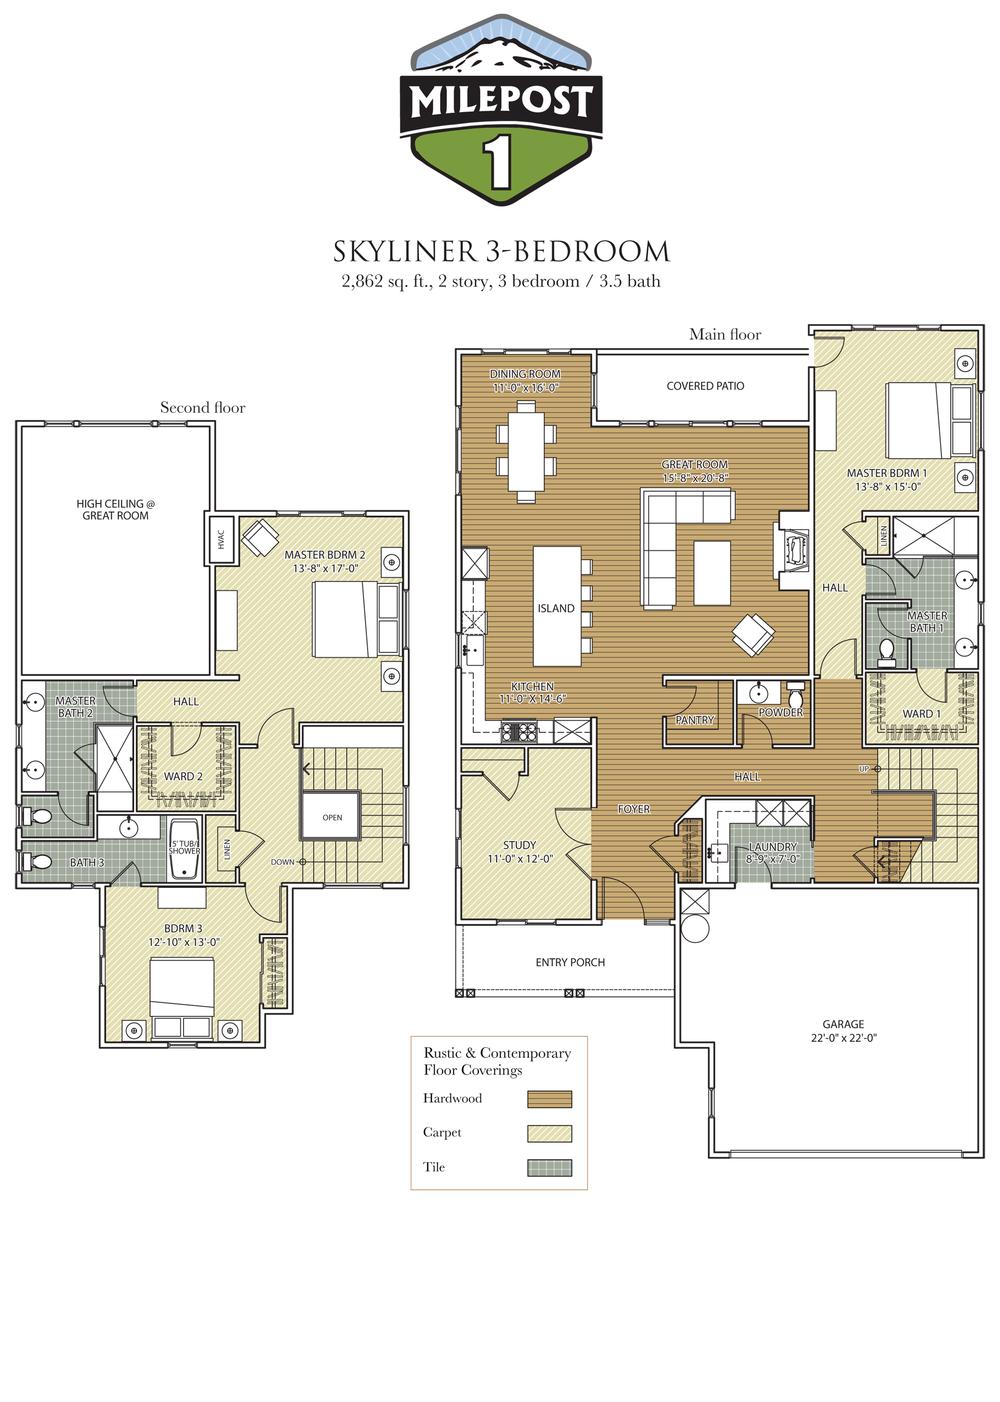 Milepost 1 Skyliner 3-Bedroom floor plan 6_29_17